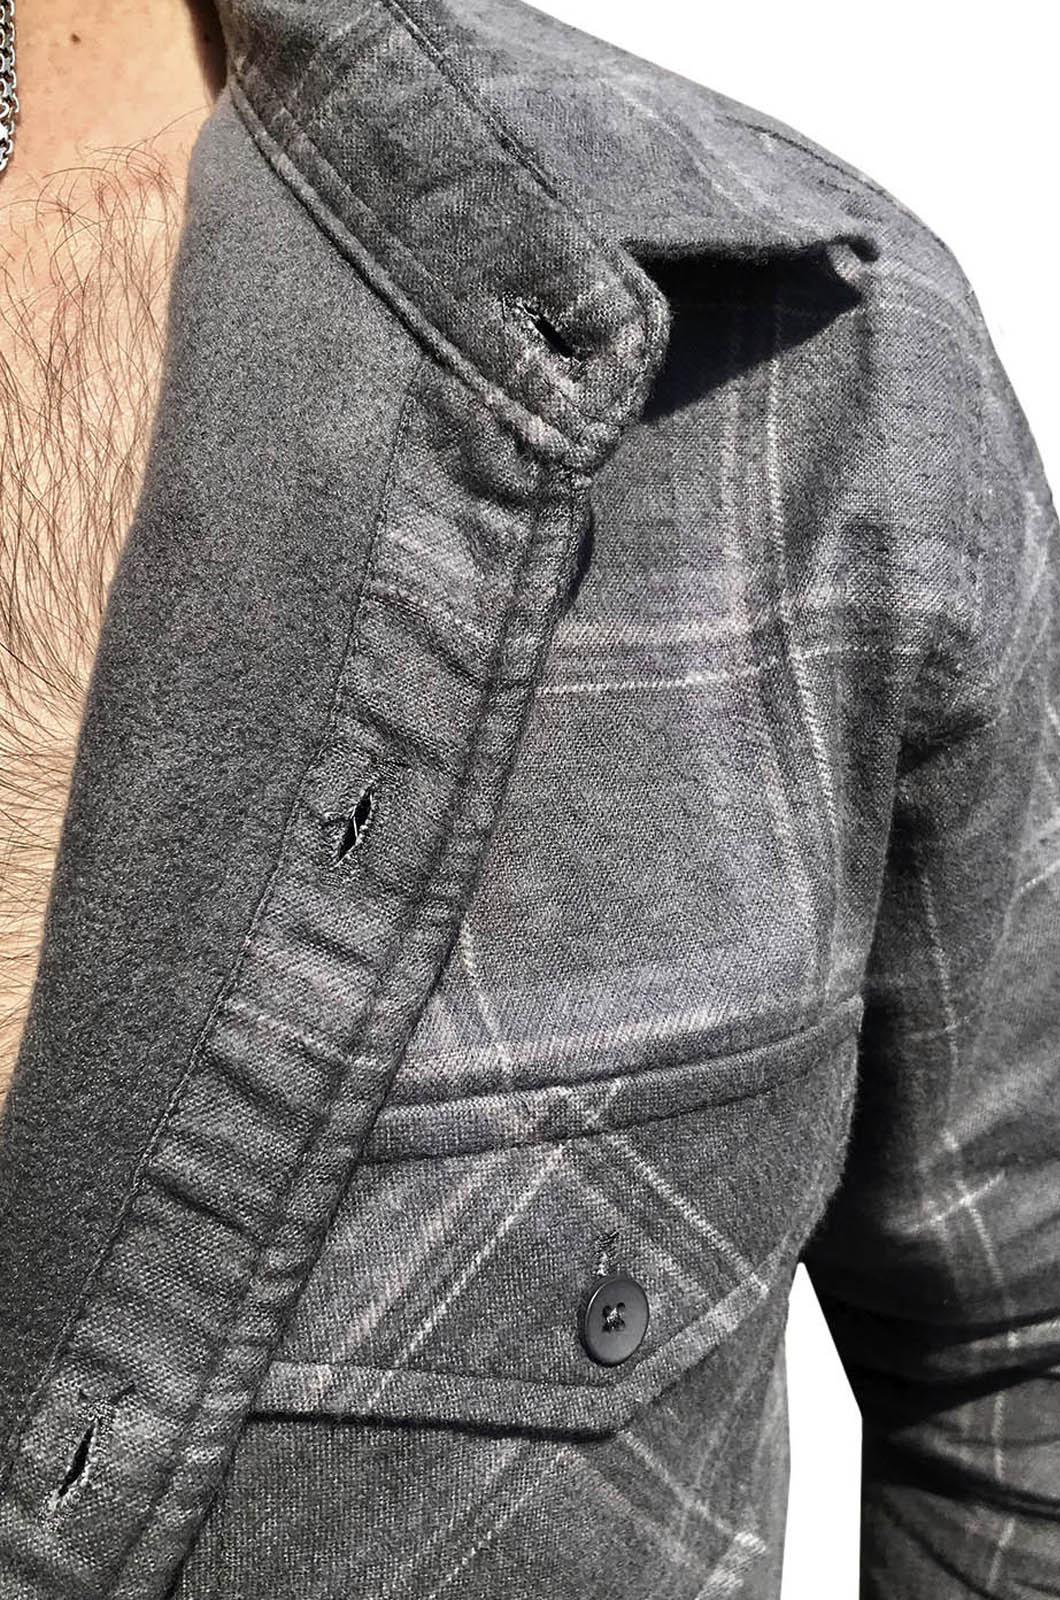 Стильная рубашка с вышитым шевроном Грибные Войска - купить оптом